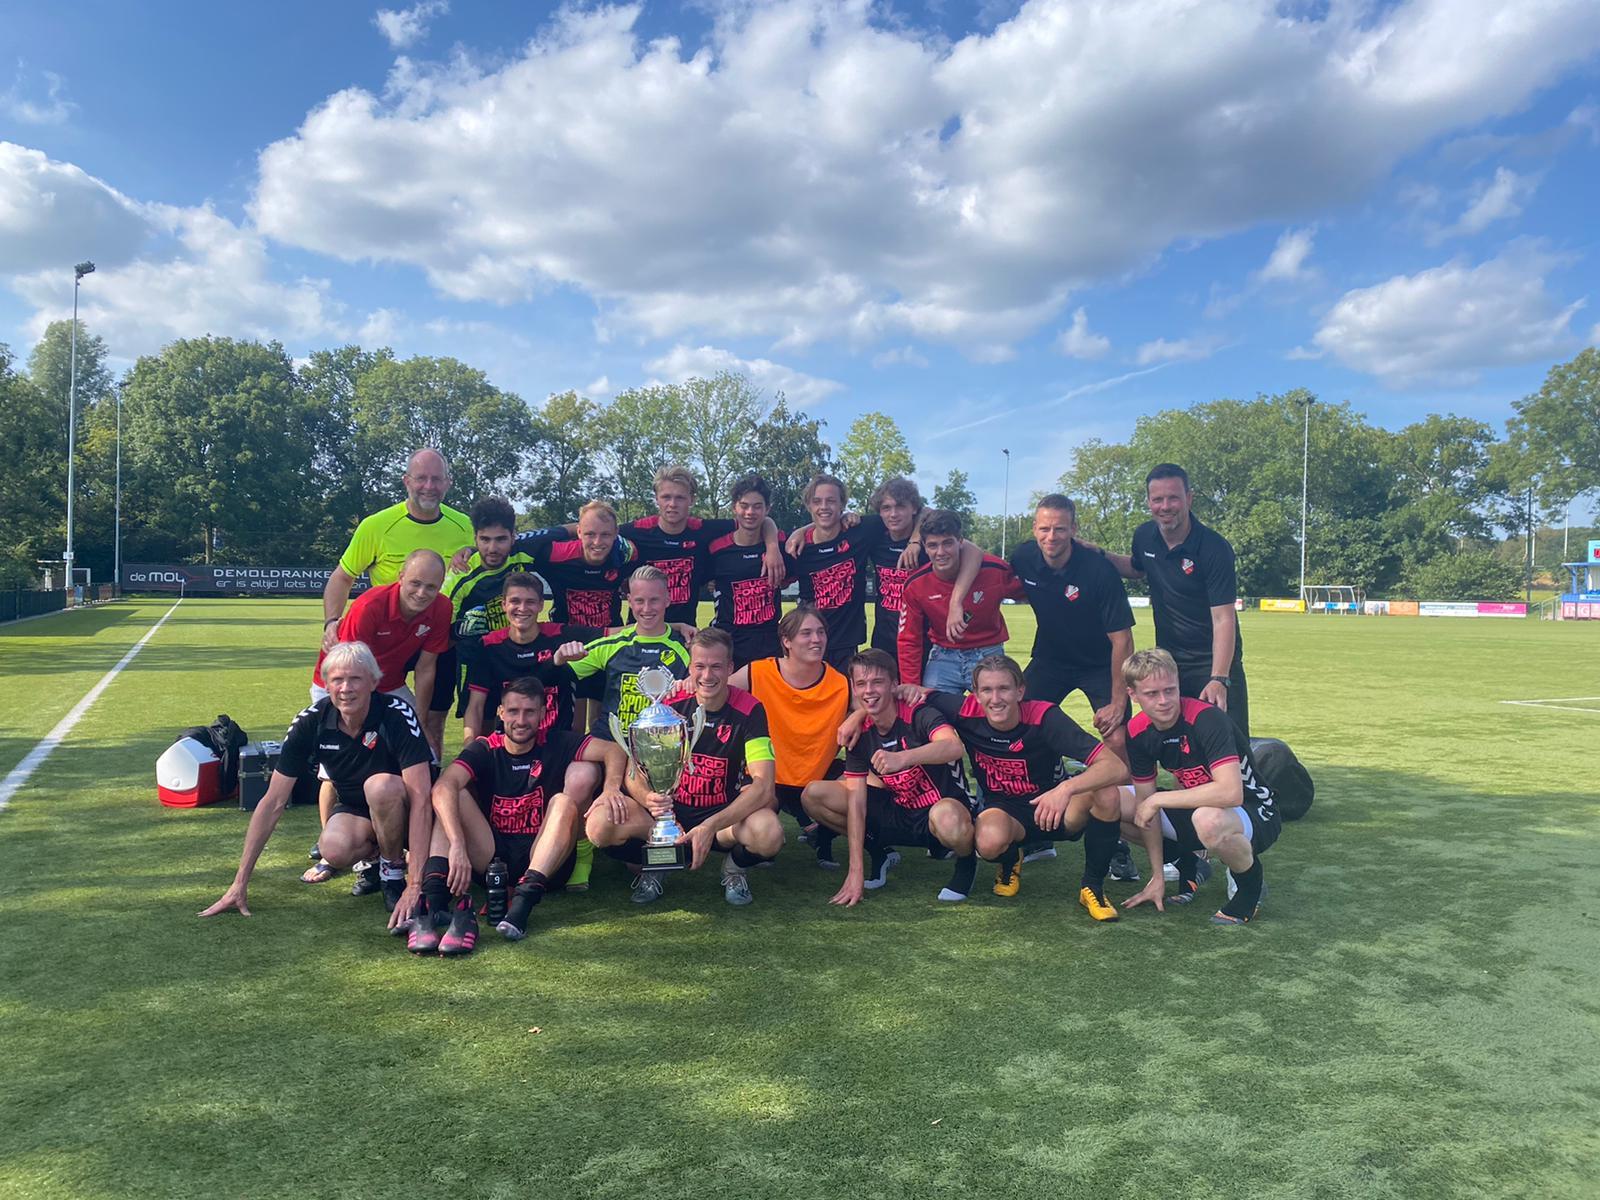 DEV Doorn 1 wint Utrechtse Heuvelrug Kampioenschappen